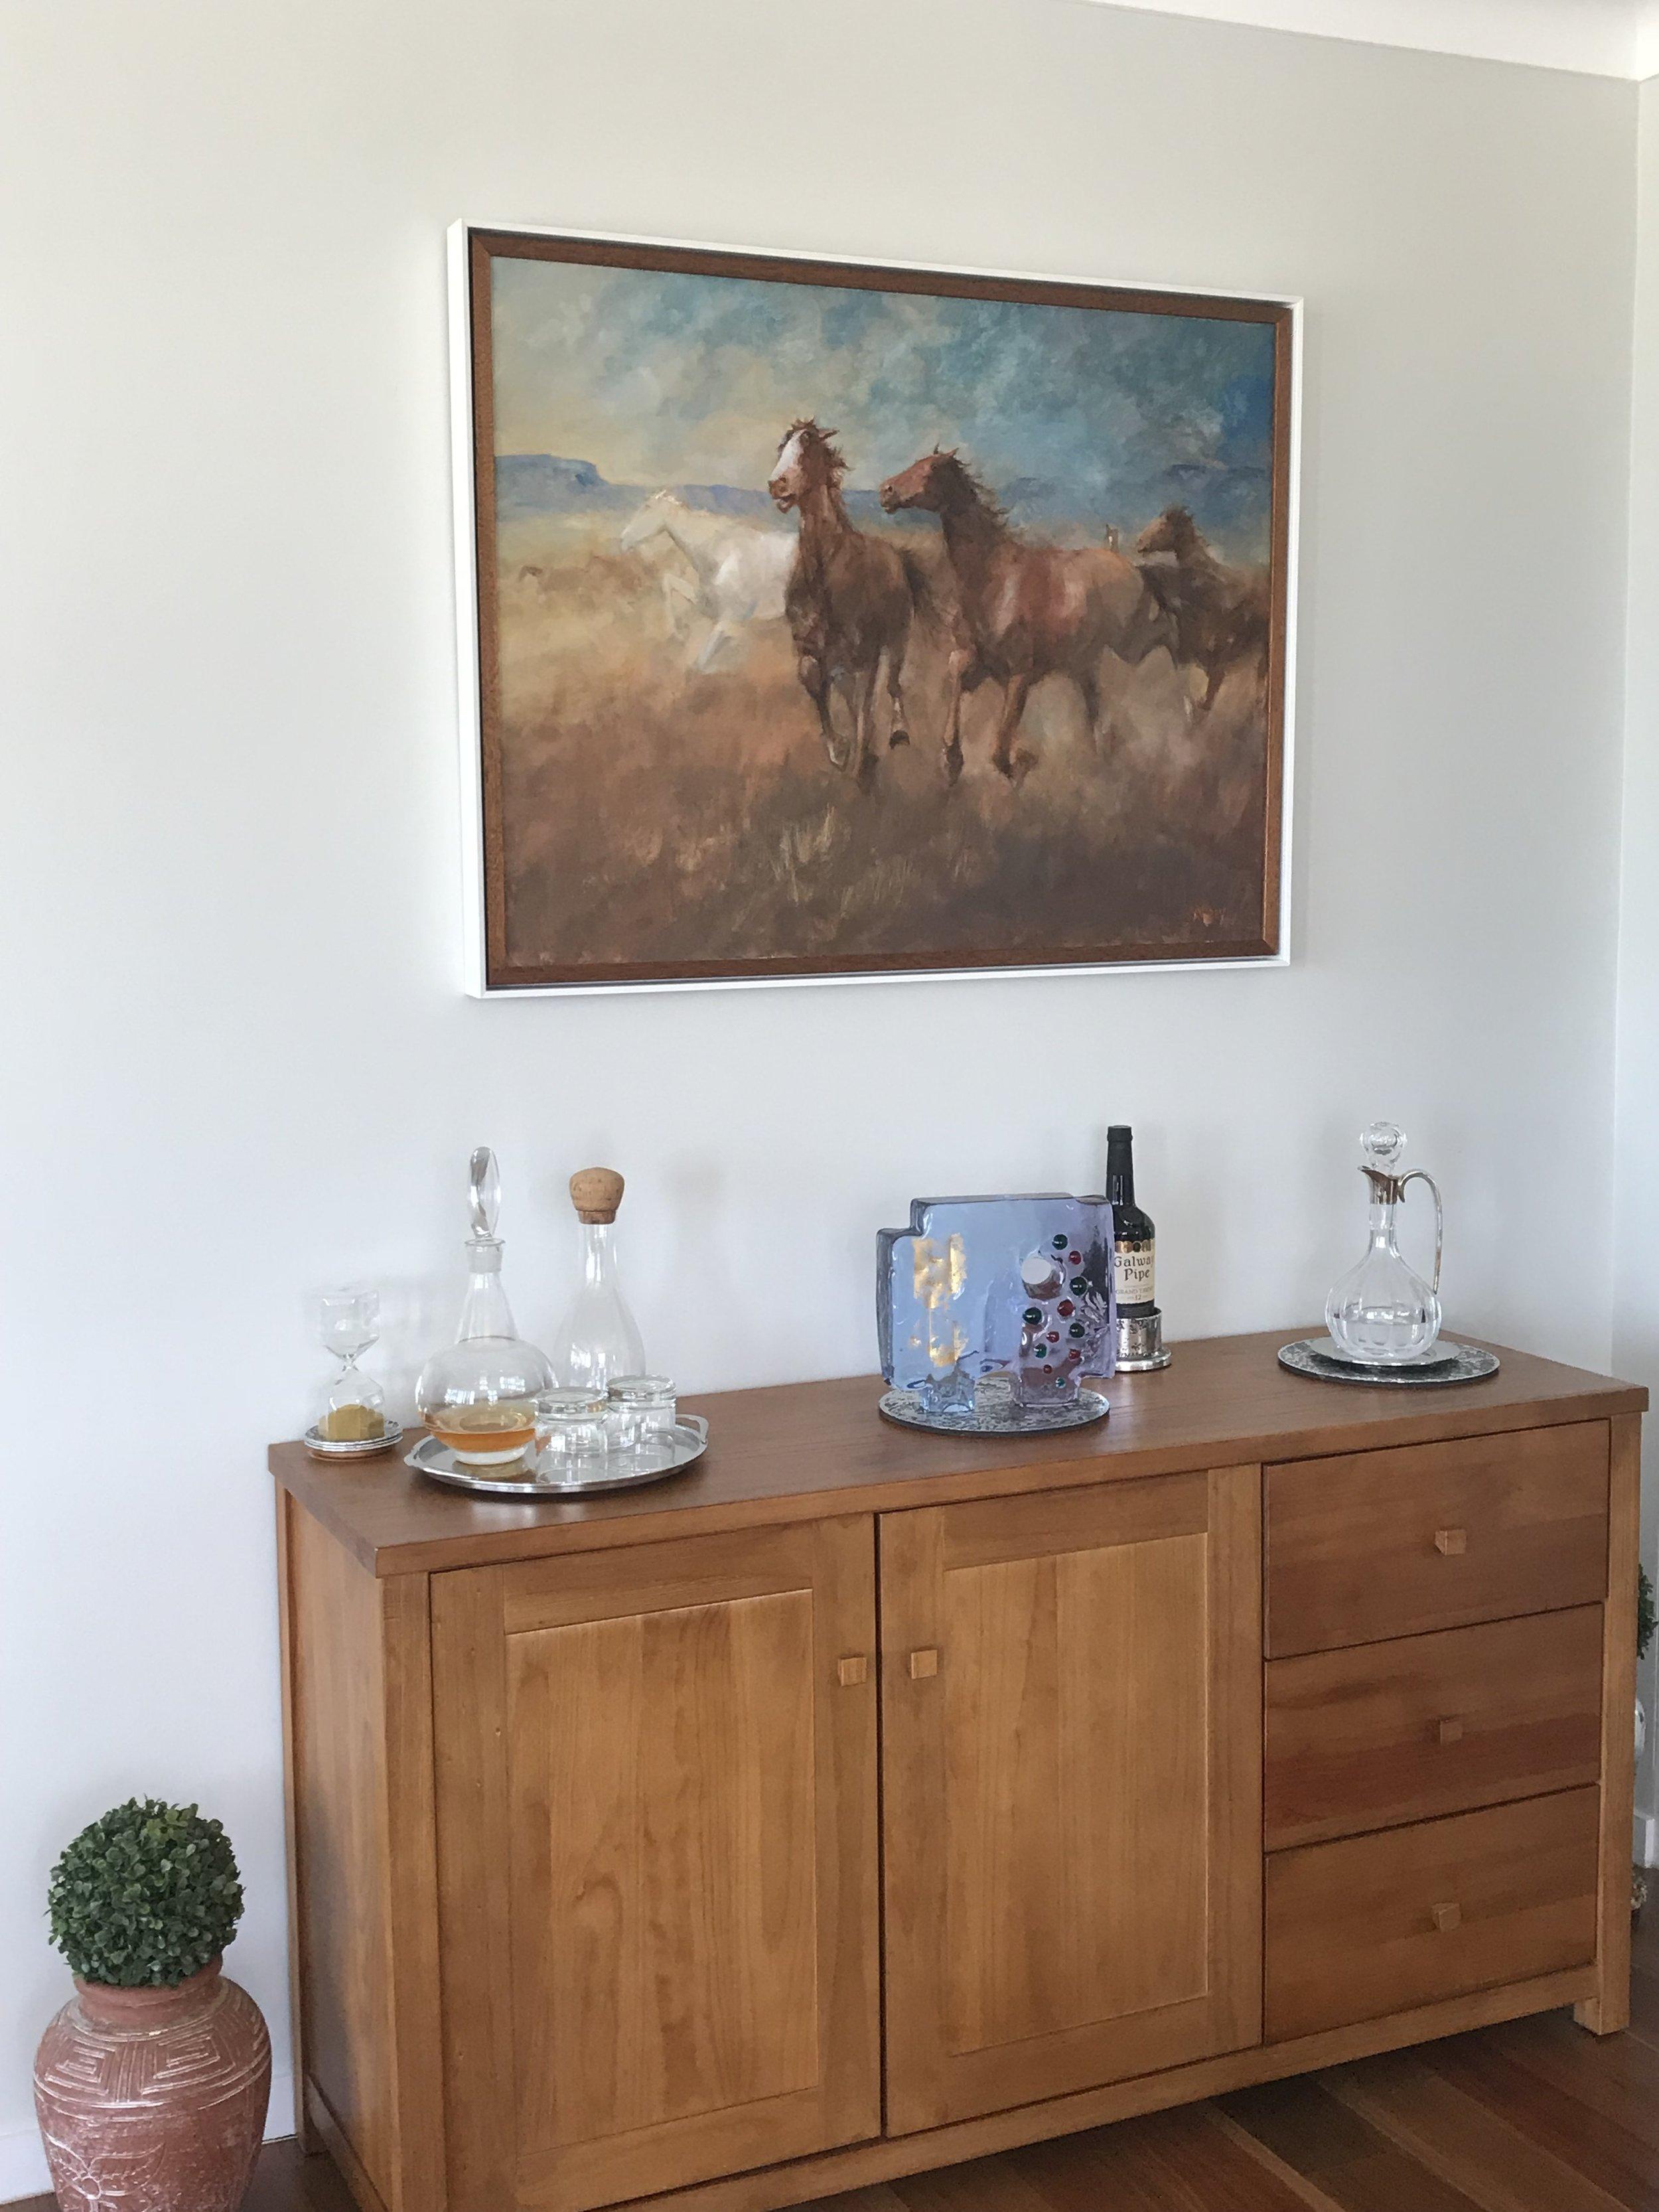 Art framing Installation Brisbane.JPG